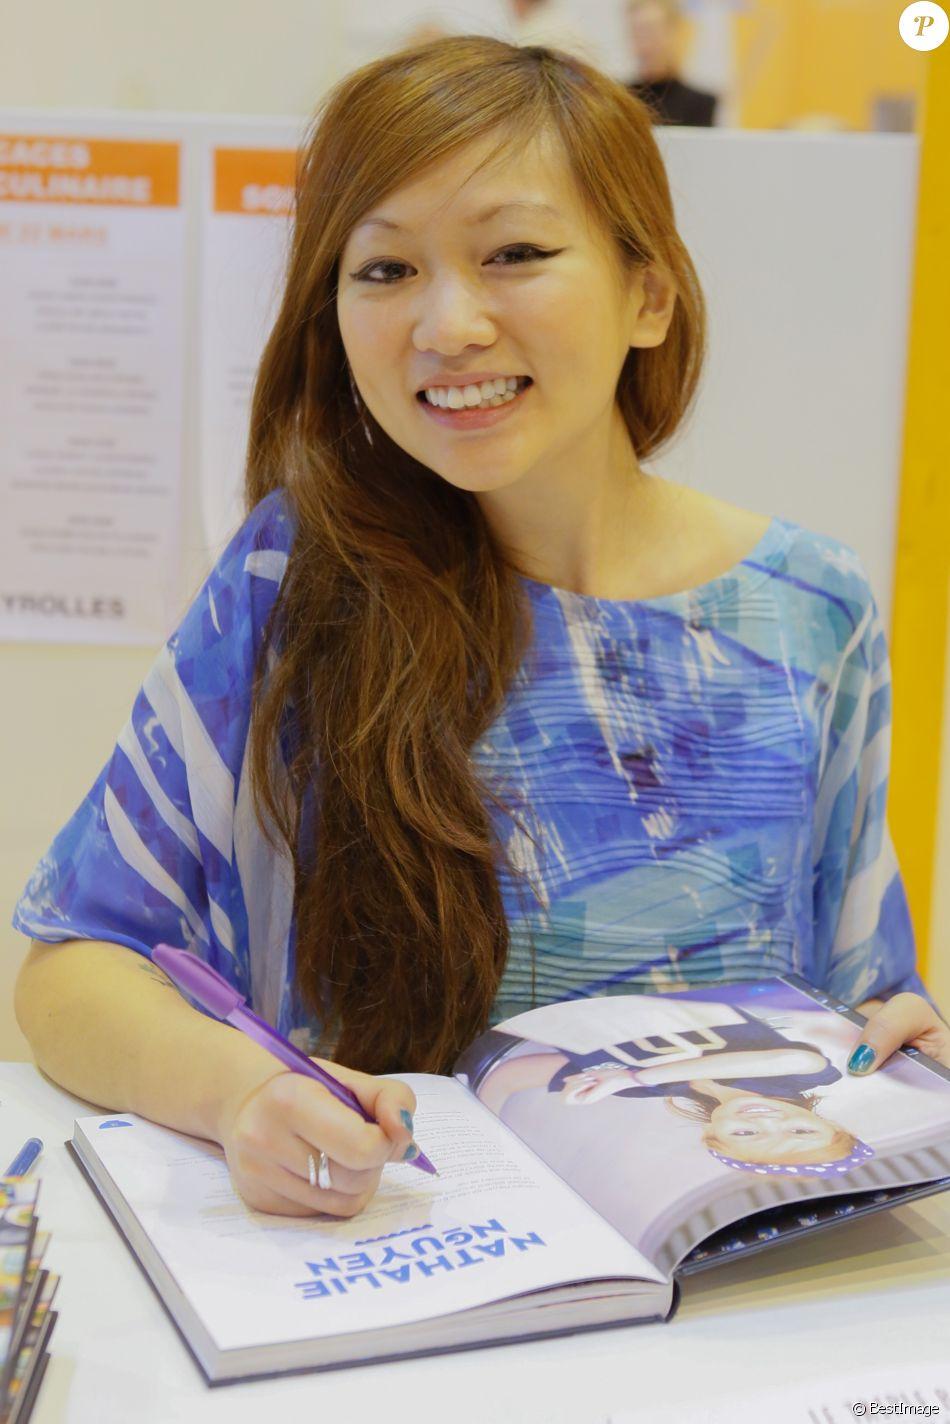 Info - Nathalie Nguyen, ex-candidate de Masterchef, est enceinte de son premier enfant - Nathalie Nguyen (Masterchef 2) - Salon du livre à la porte de Versailles à Paris le 22 mars 2015.22/03/2015 - Paris